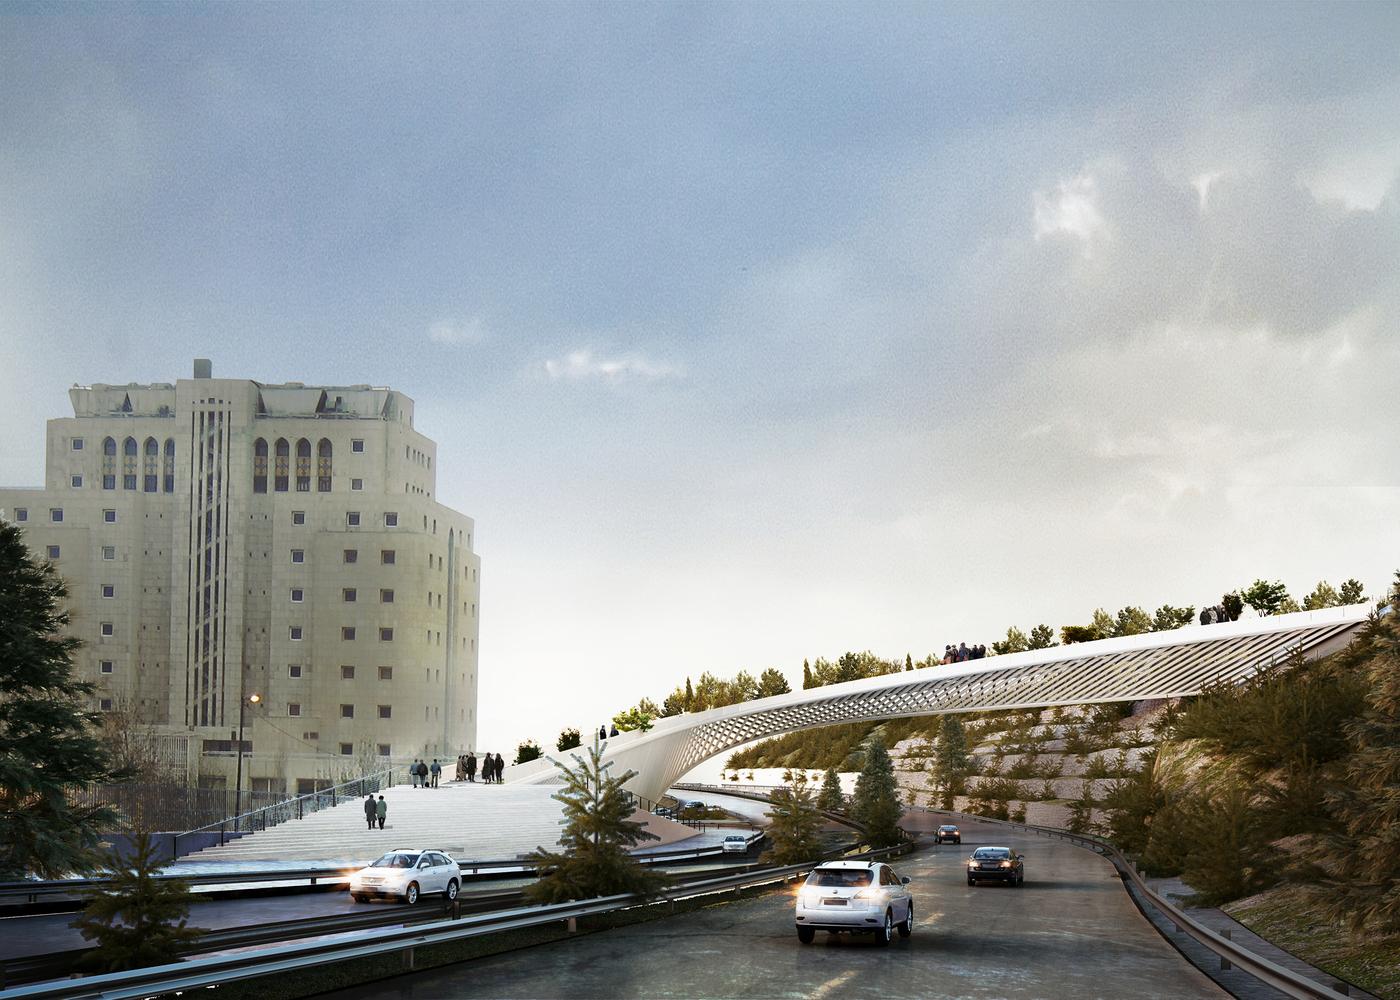 طراحی پل عابر پیاده در اراضی عباس آباد,گروه معماری پوست سوم